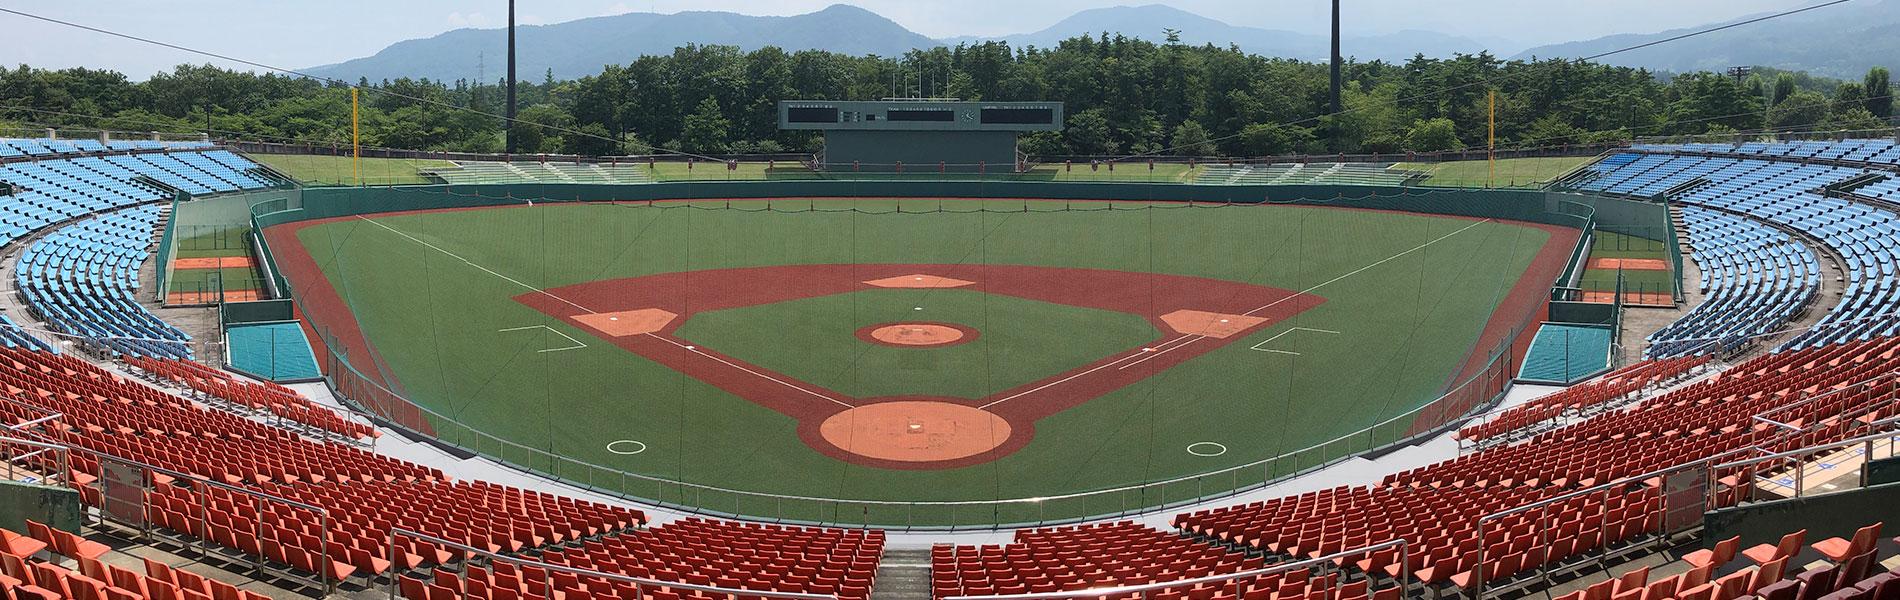 野球場」向けの製品・サービス | 未分類 | 日本体育施設株式会社